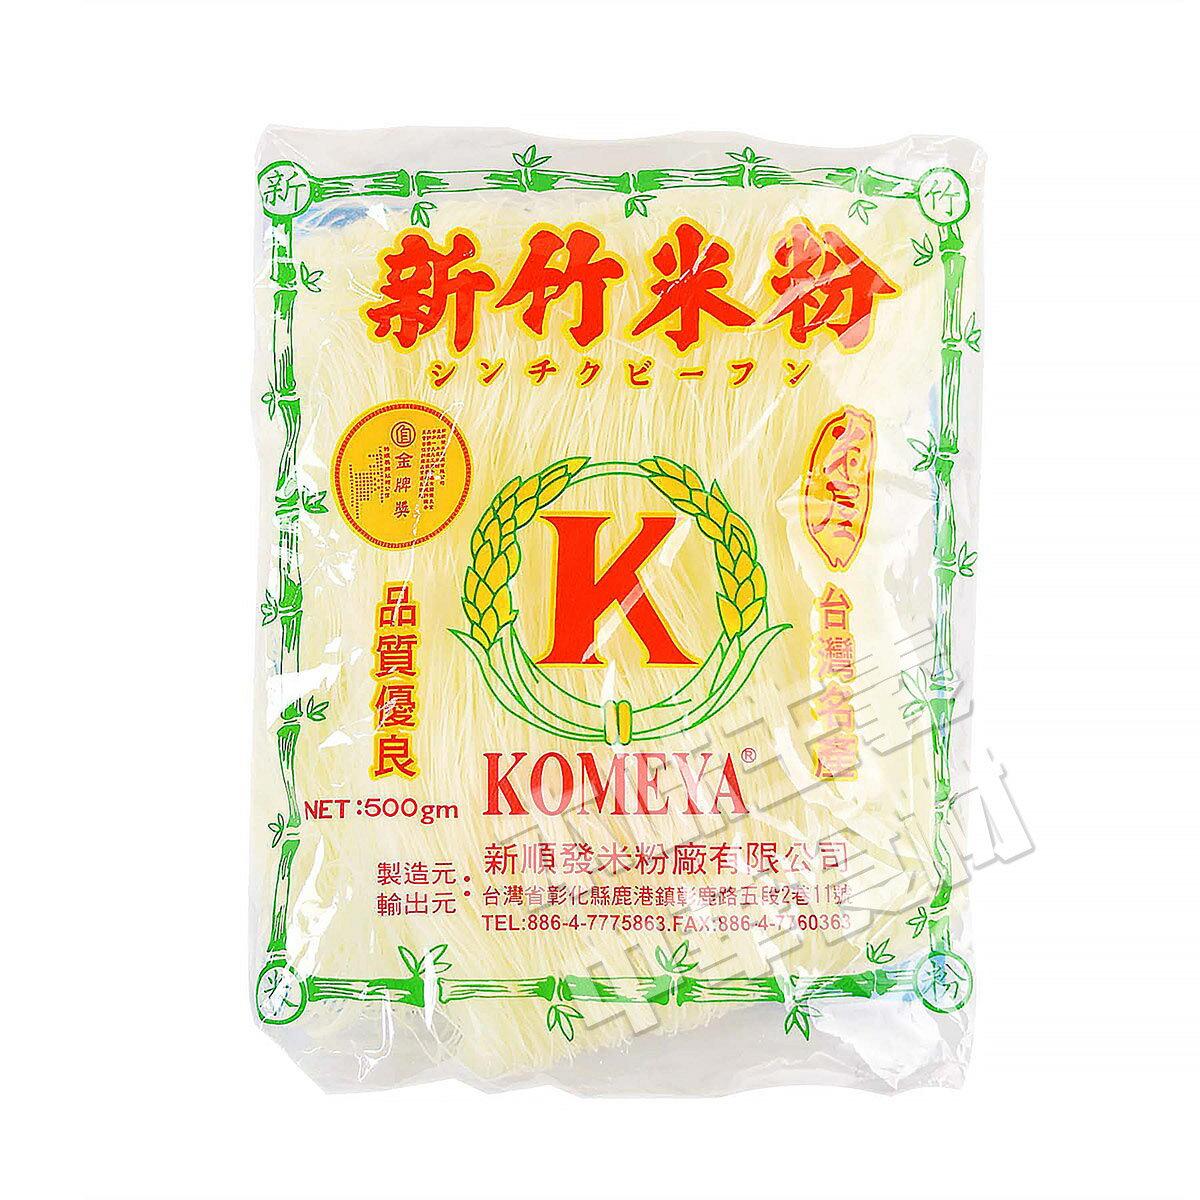 台湾米屋新竹伝統米粉(ビーフン)中華料理食材名物・台湾風味人気商品・台湾名産